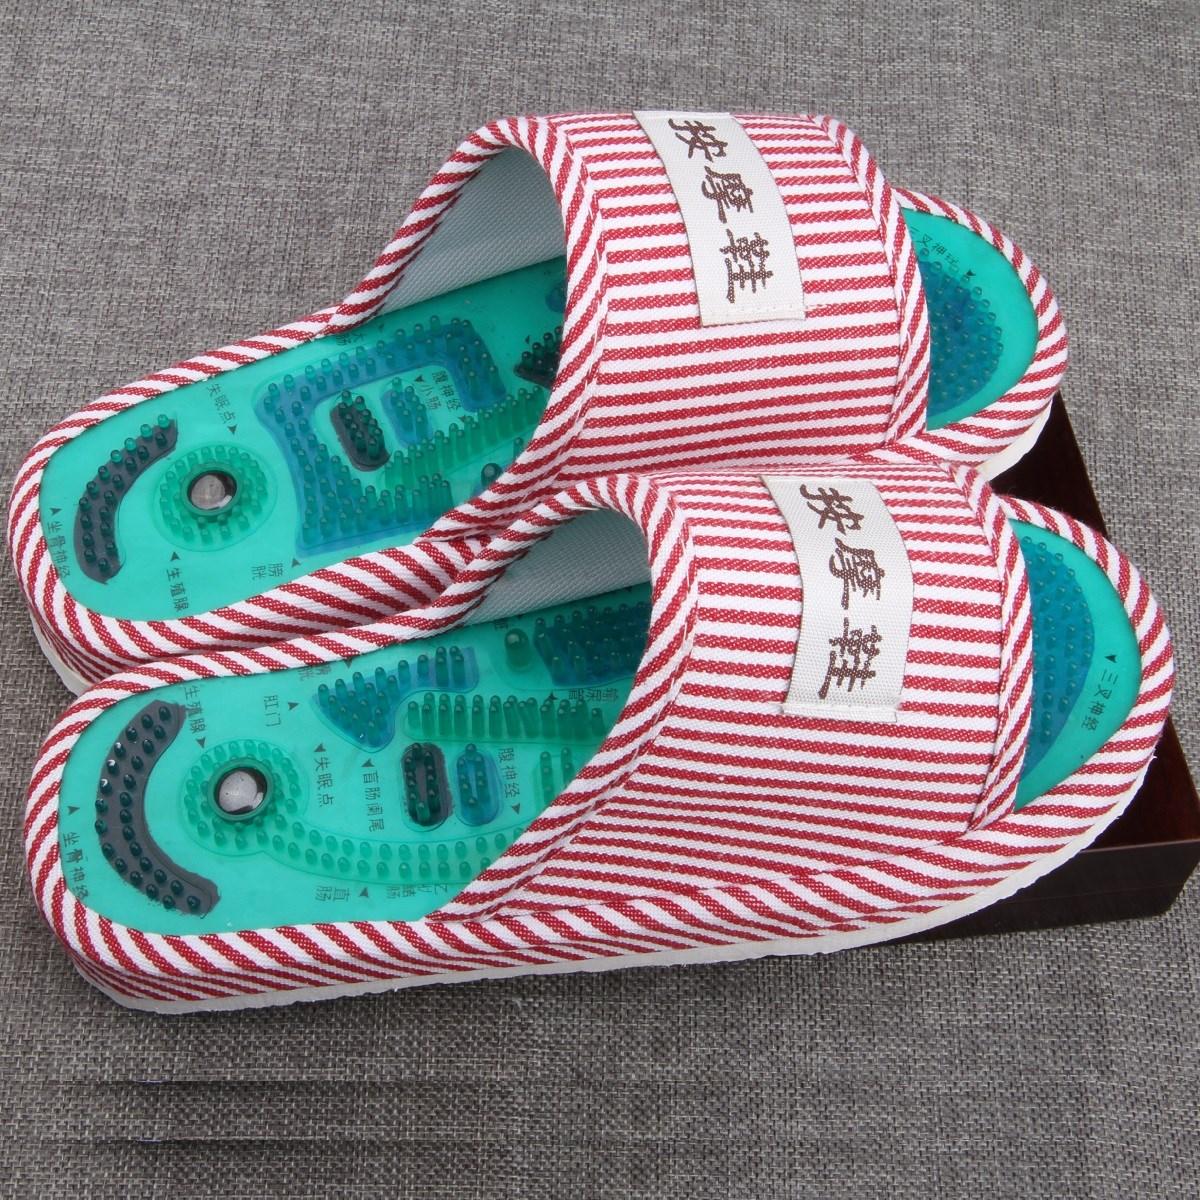 太极足底男女拖鞋按摩鞋磁疗拖鞋按摩棉脚底防滑室内穴位秋冬季